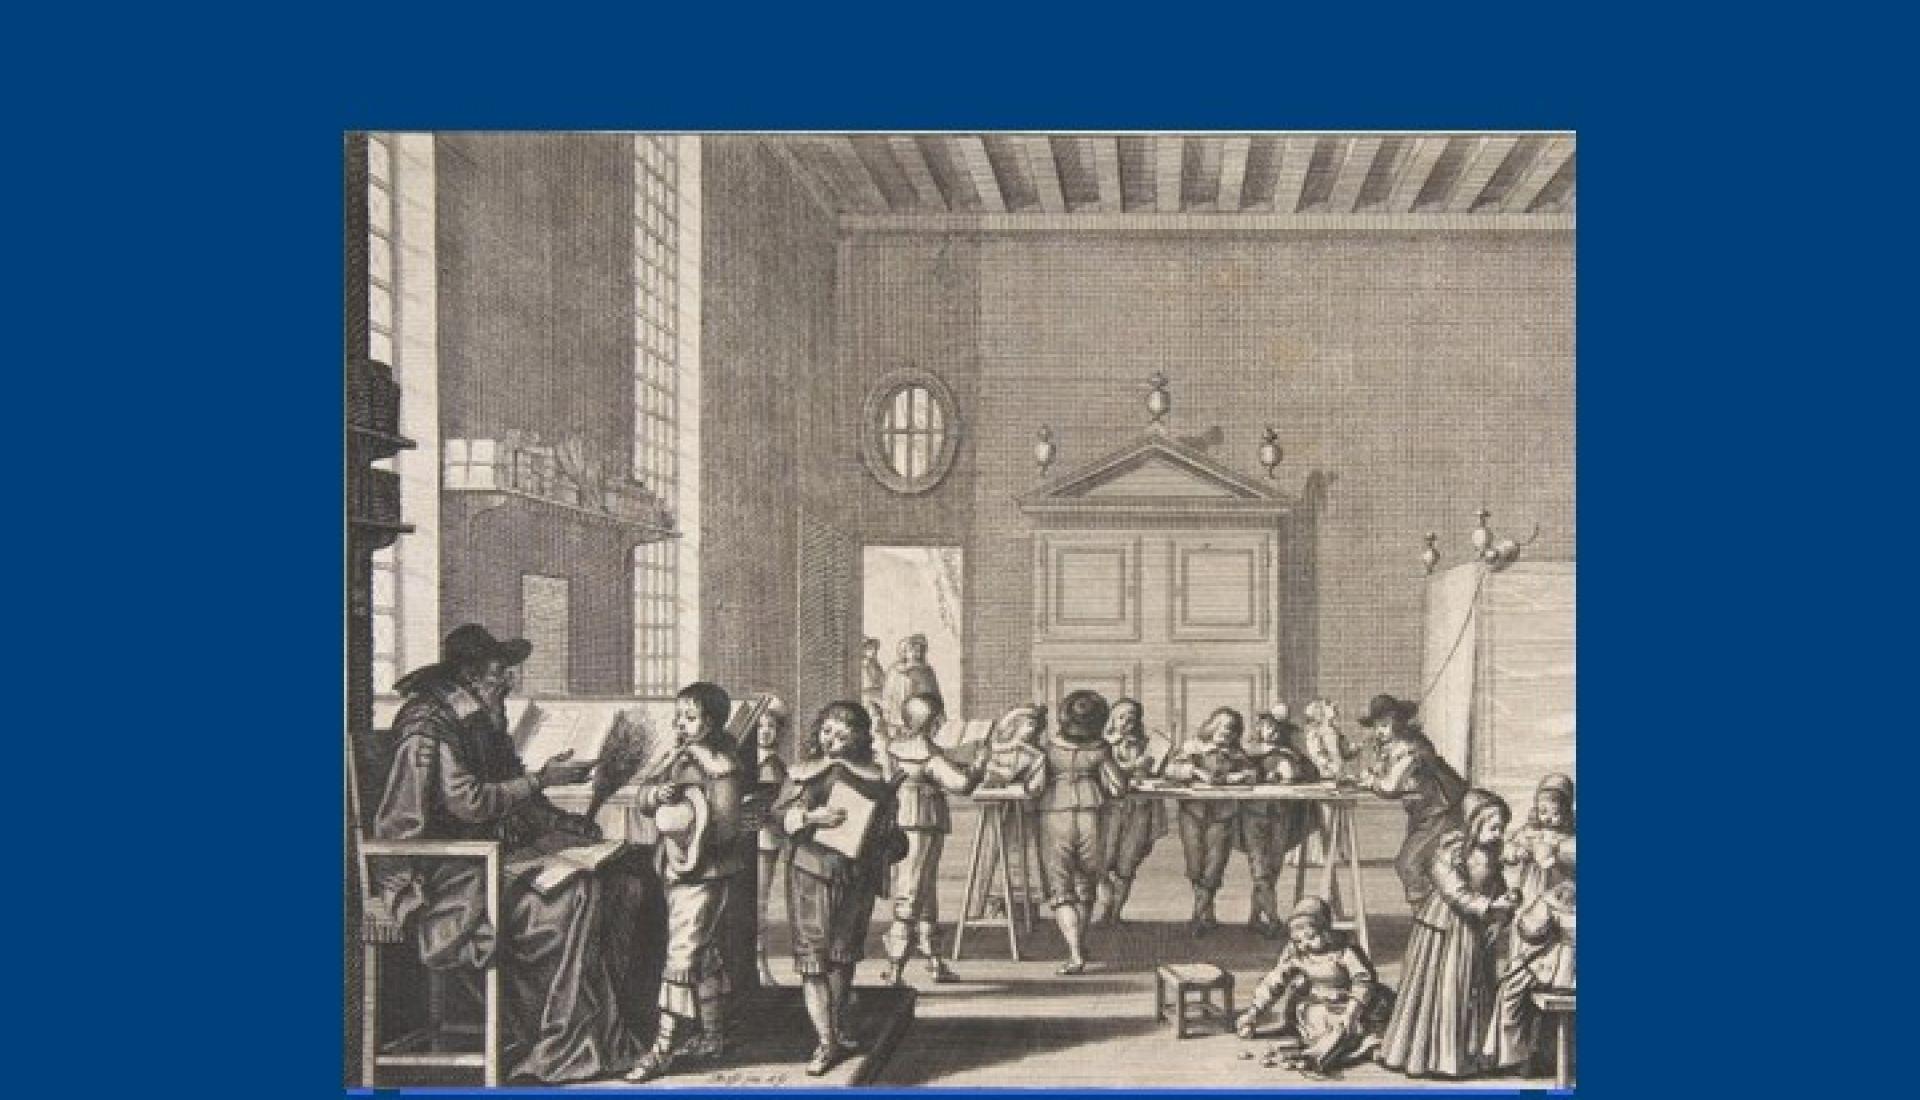 L'éducation des enfants pauvres à Lyon aux XVIIème et XVIIIème siècles